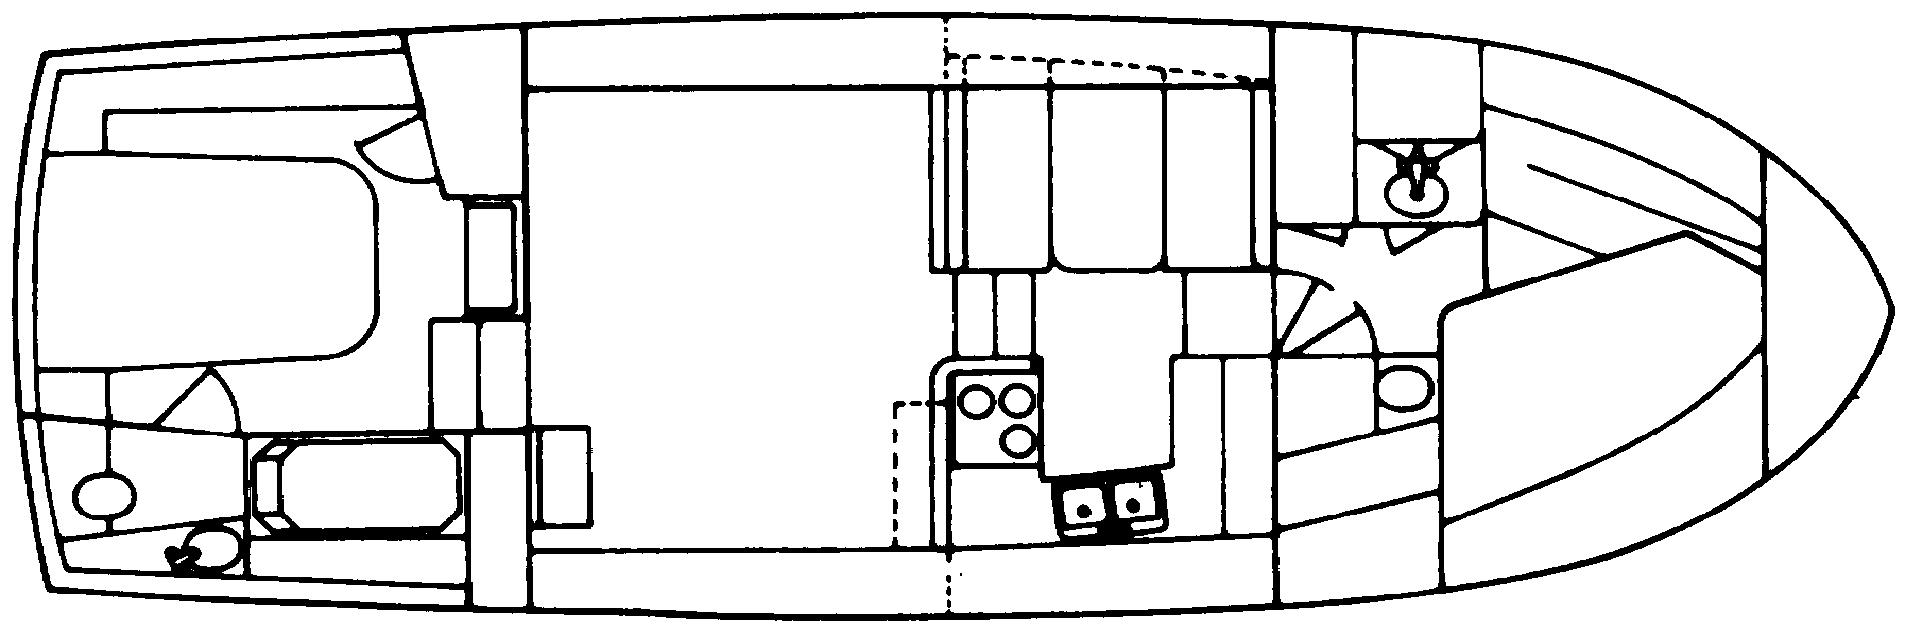 362 Catalina Floor Plan 1